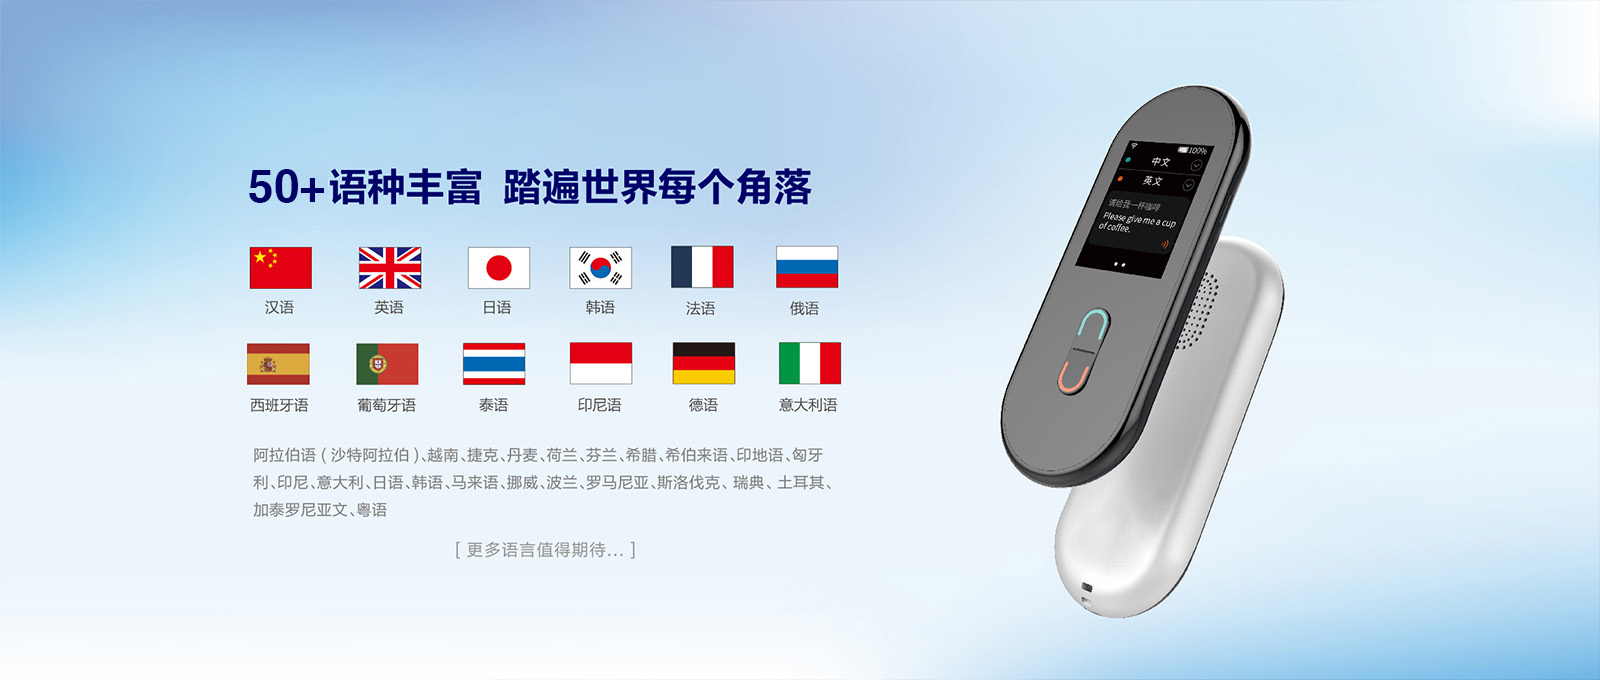 腕语智能语音翻译机